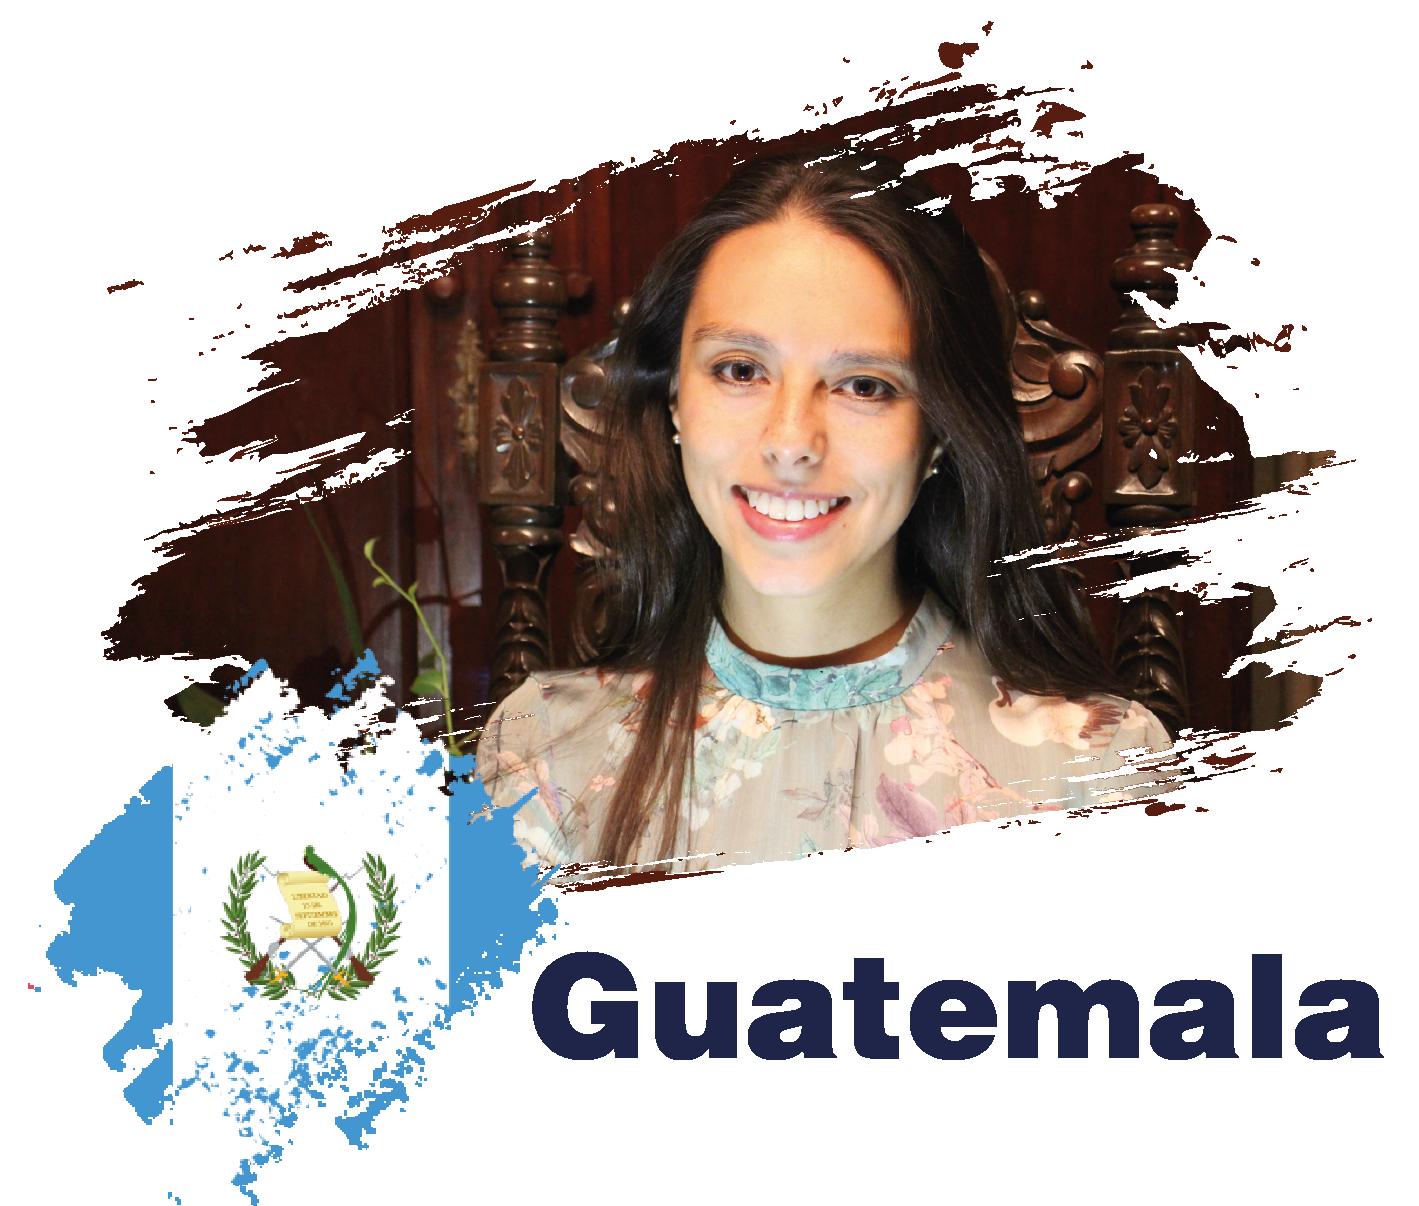 Lorena Quiñones